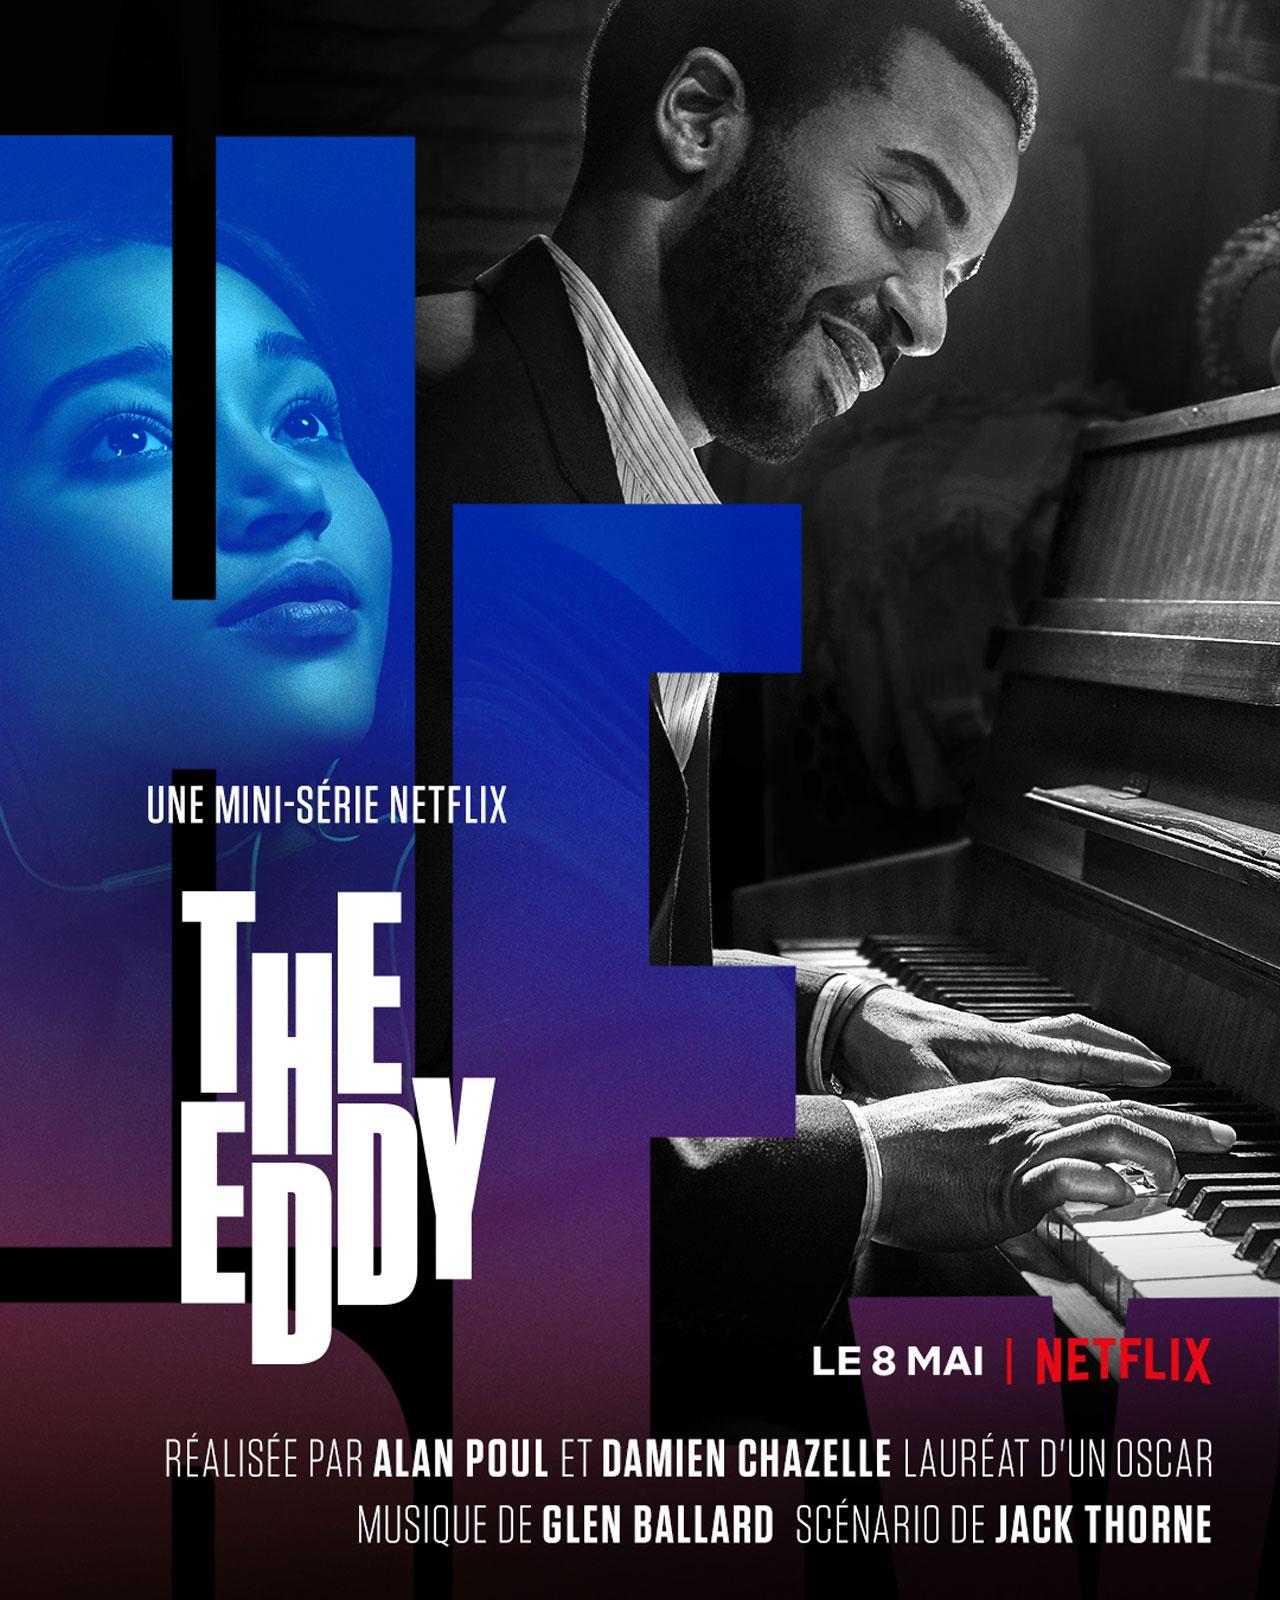 The Eddy - Série TV 2020 - AlloCiné